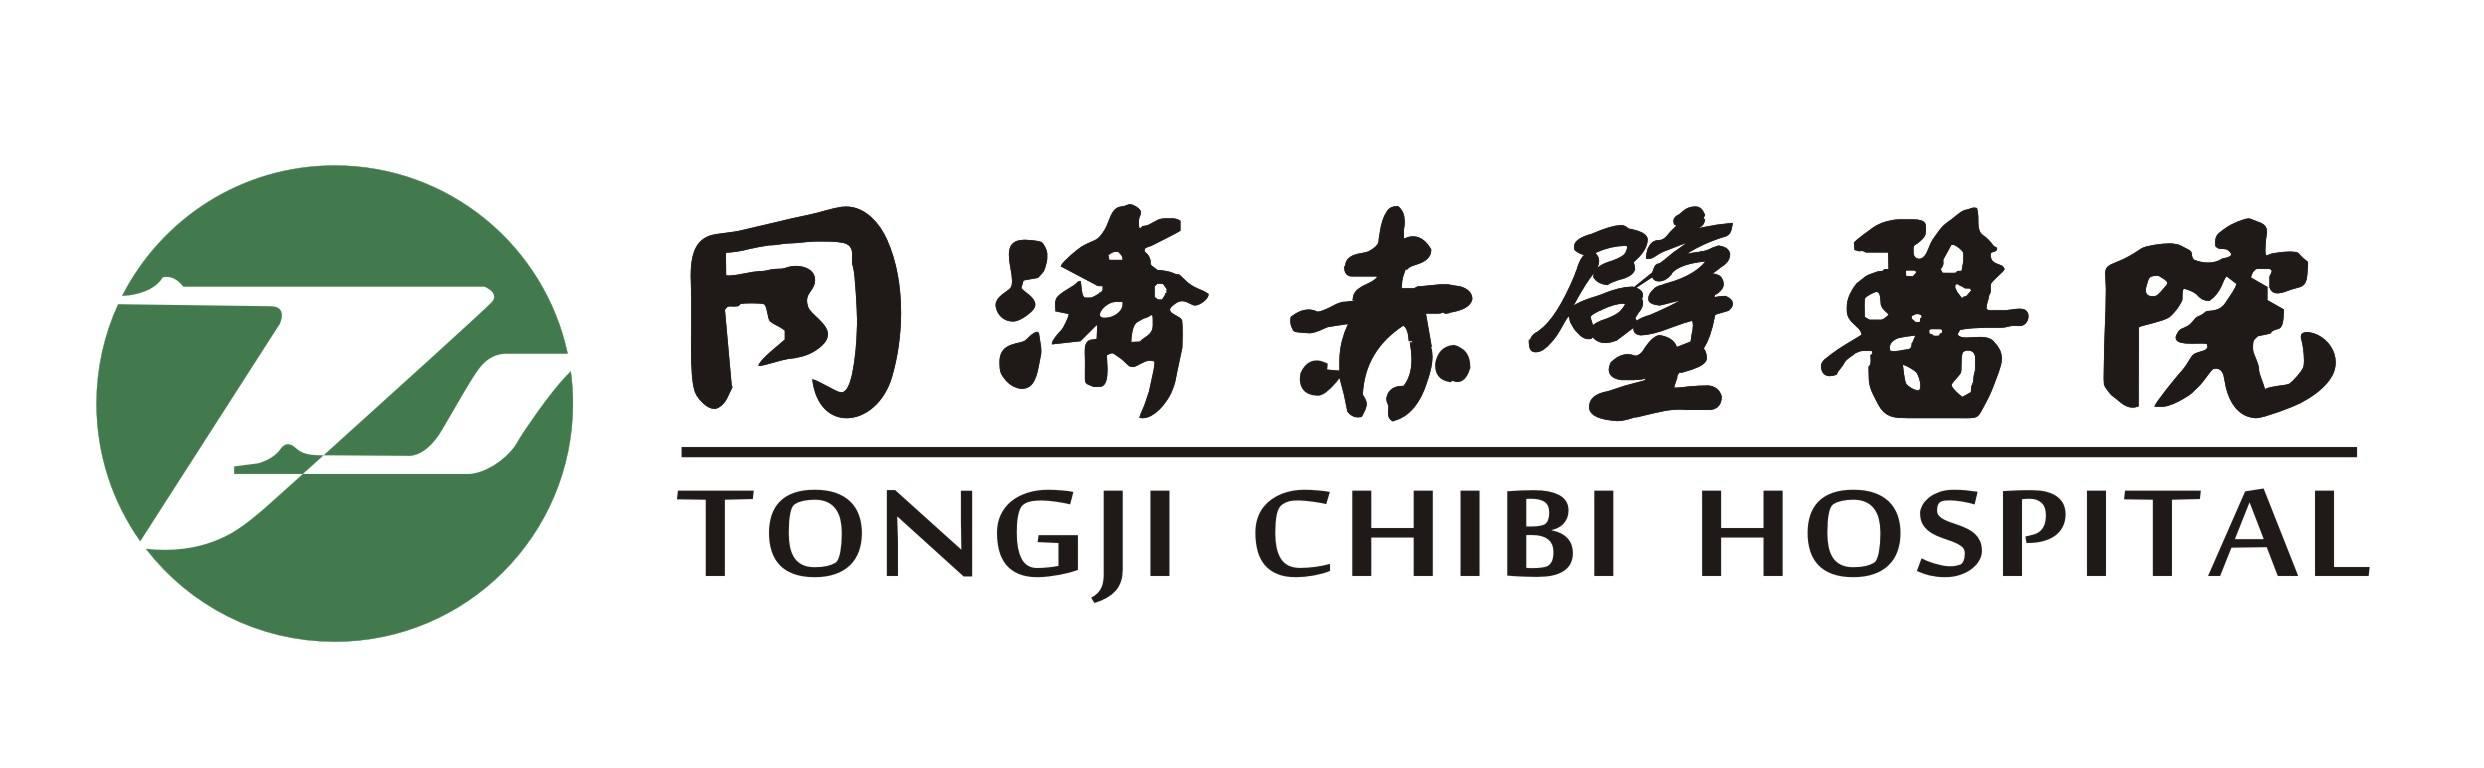 华中科技大学同济赤壁医院